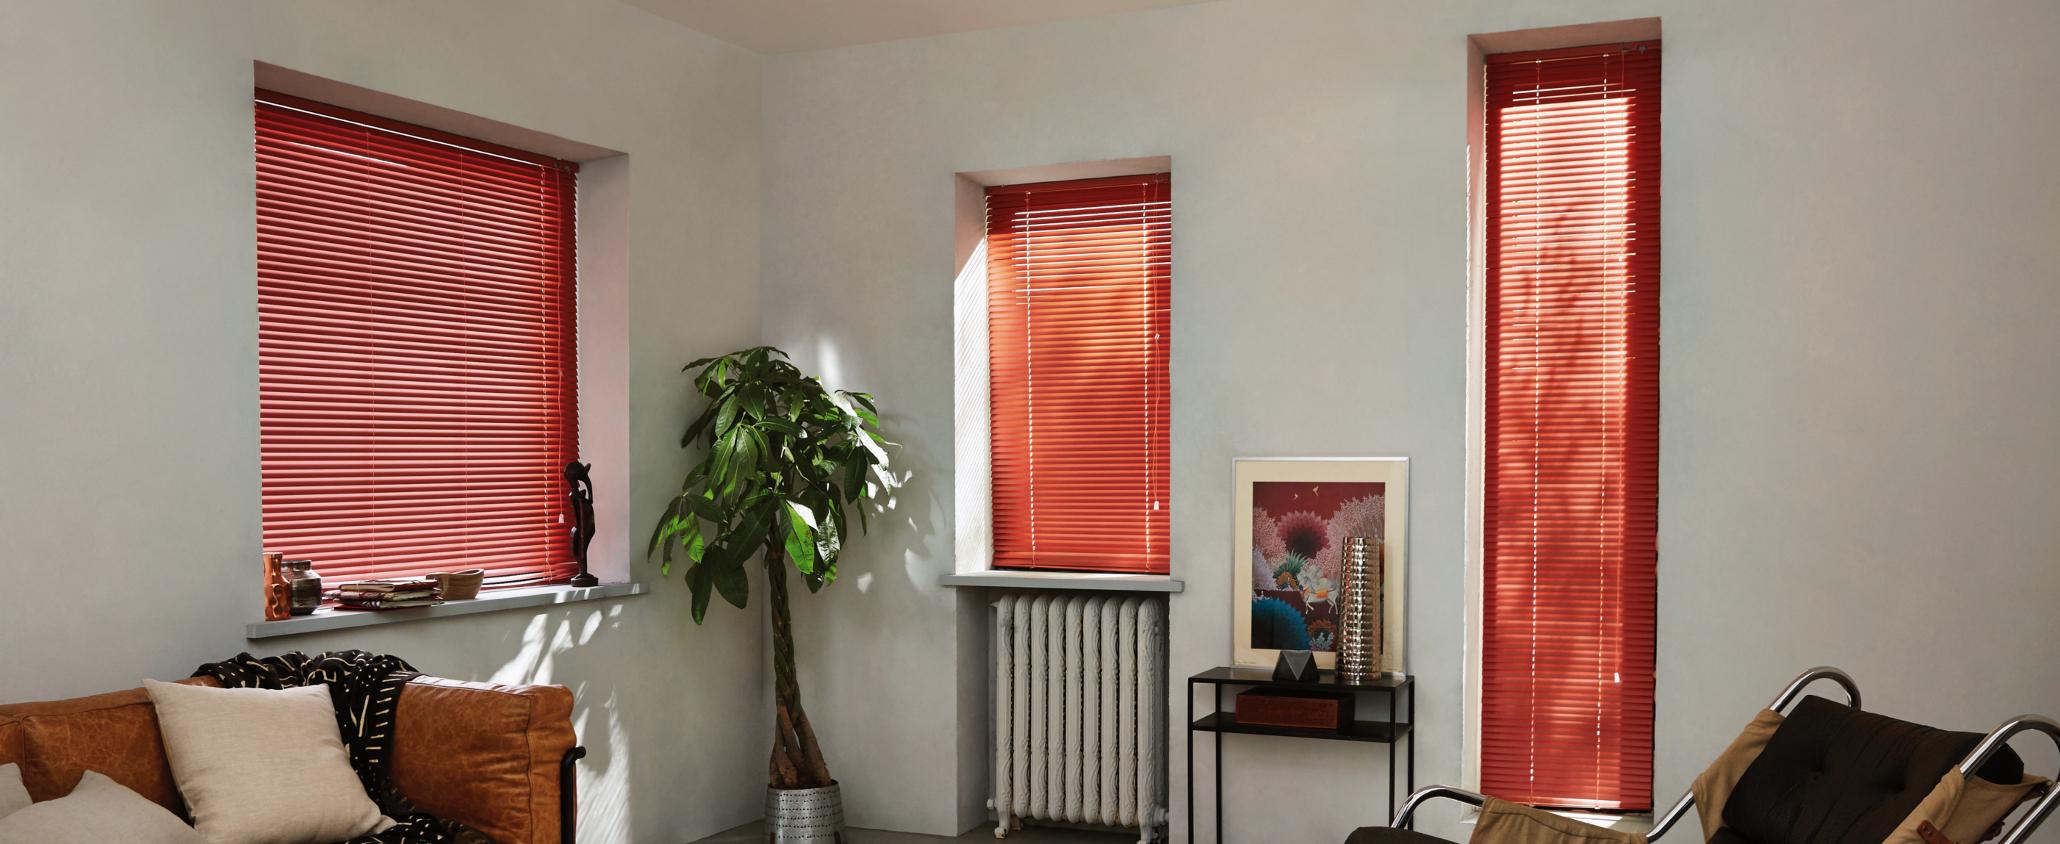 Habillage sur-mesure pour fenêtre hors-norme